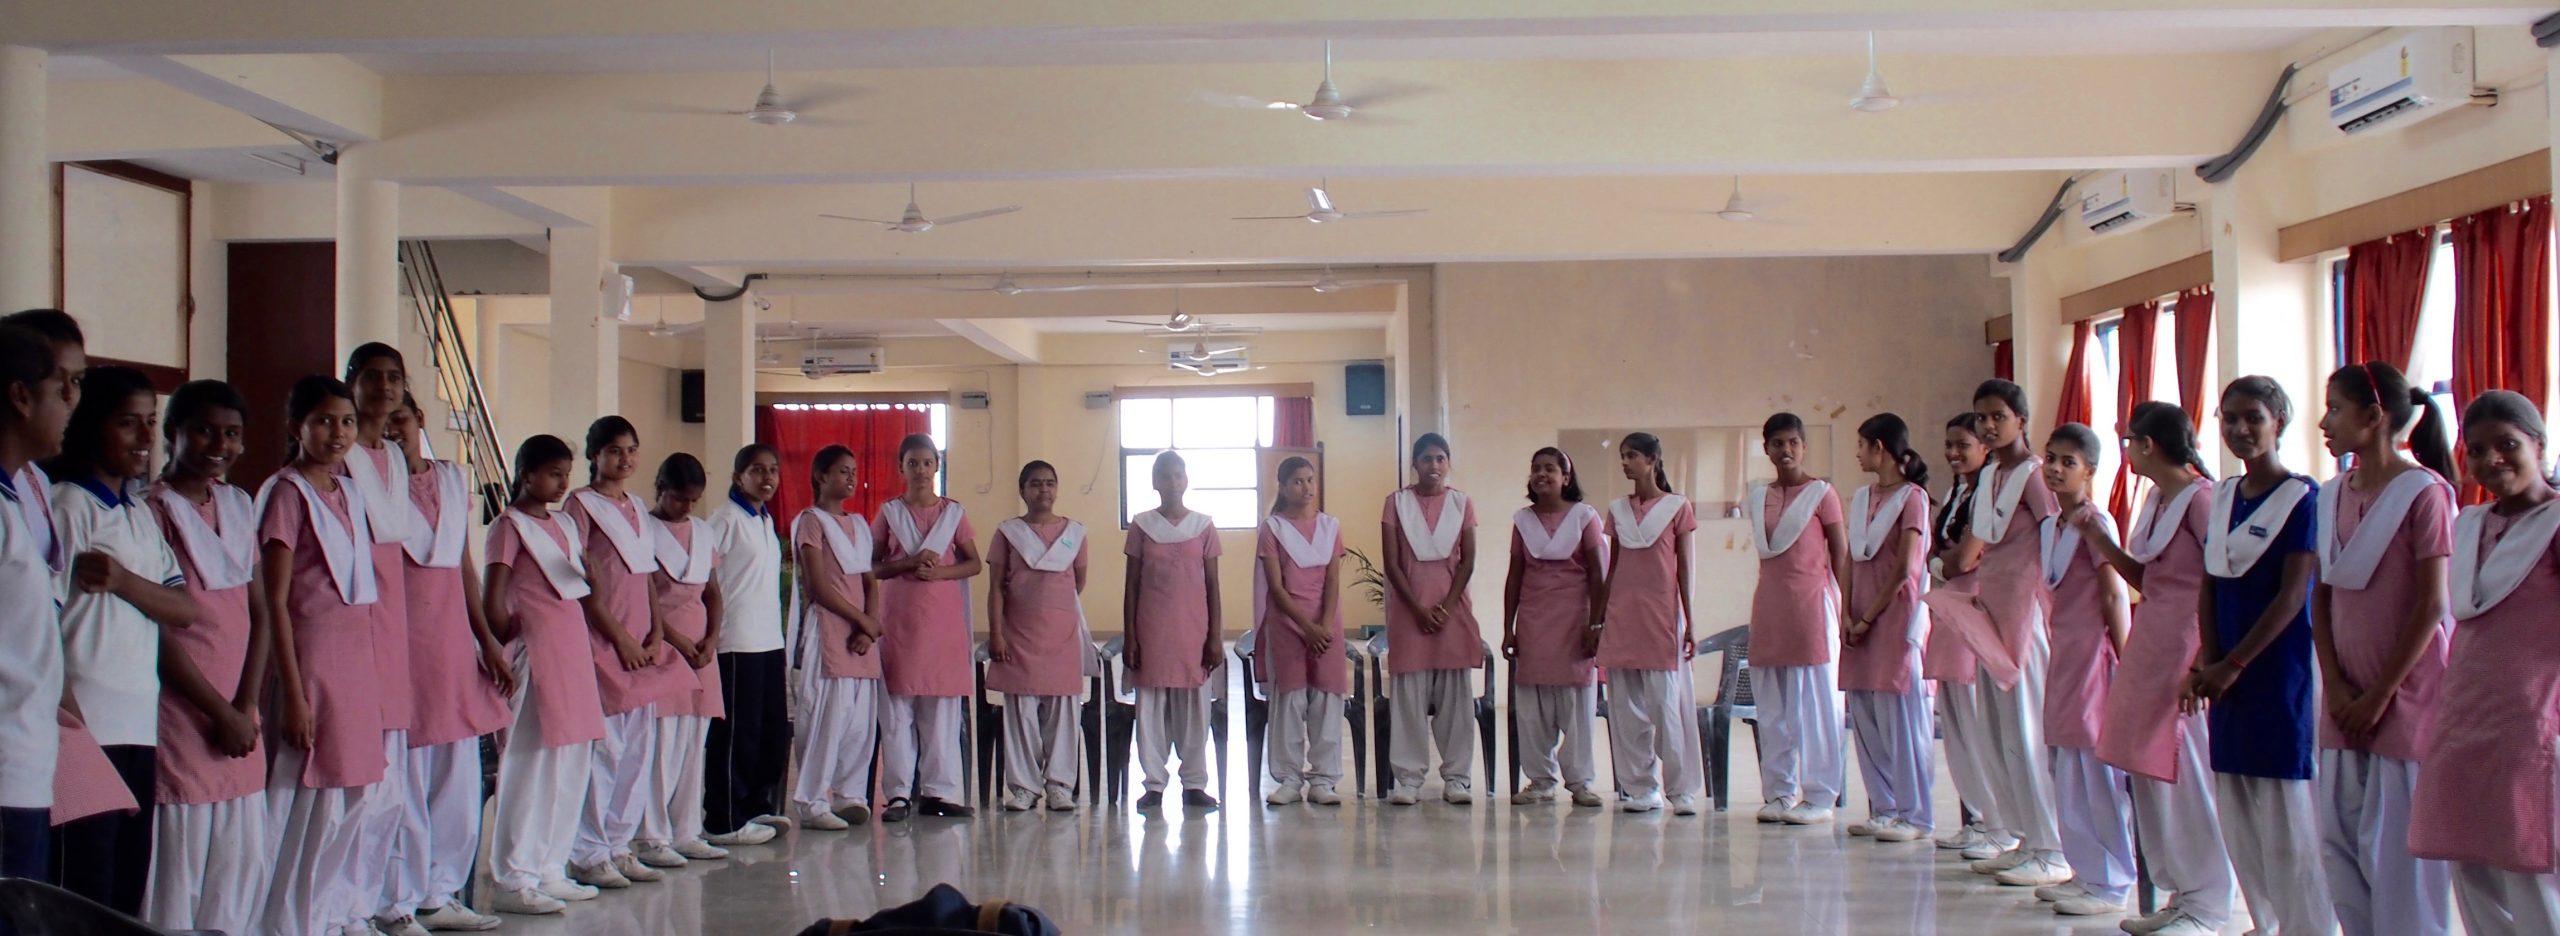 Girls in Prerna standing in a semi-circle